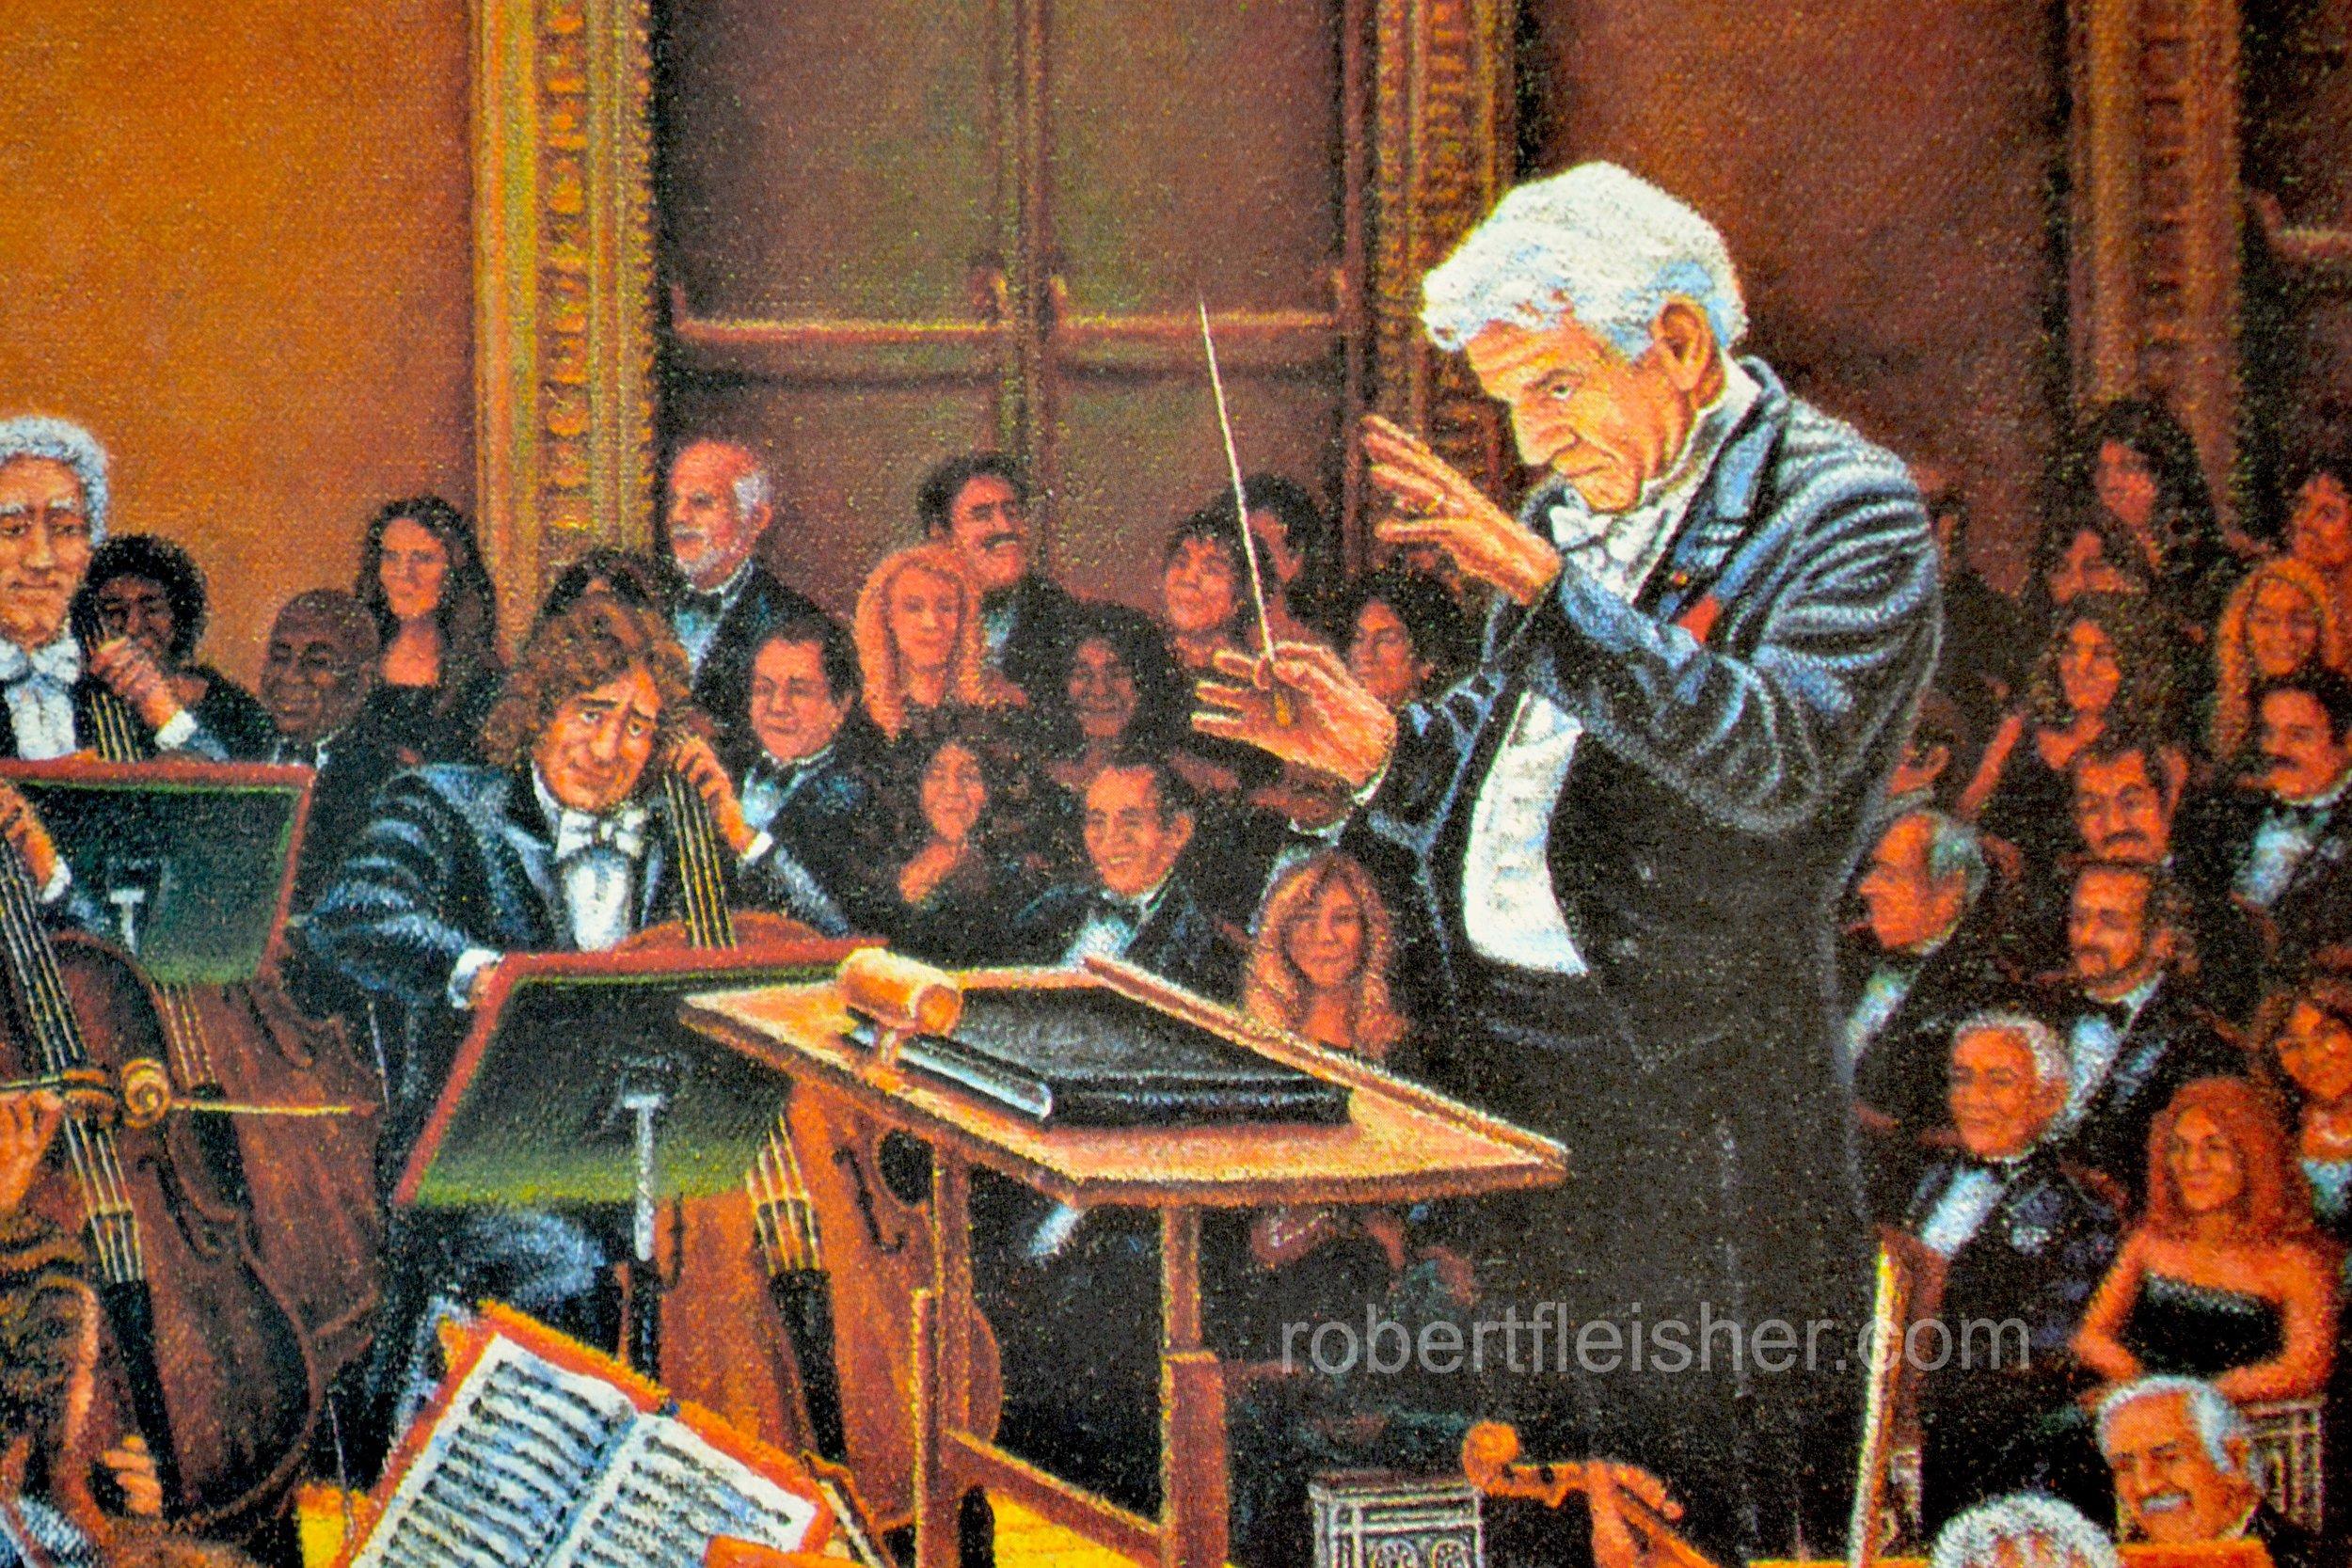 Orchestra detail  Leonard Bernstein  1989-1993  50x30  oil